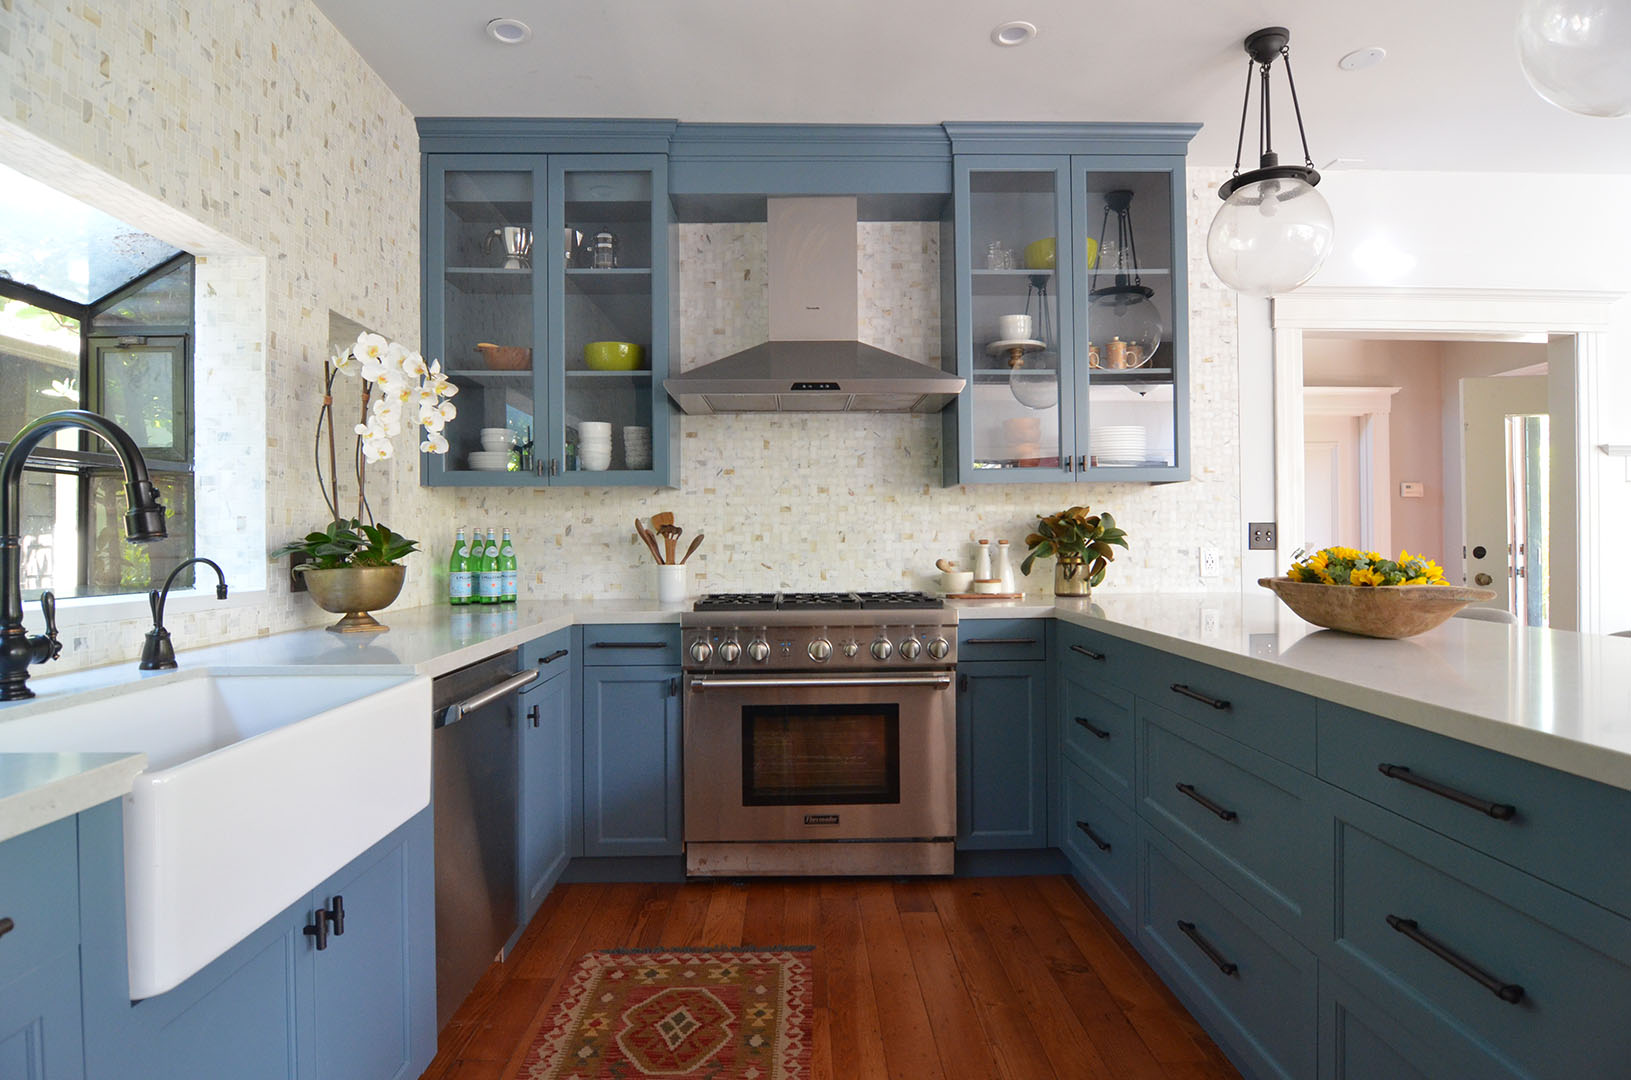 Kitchen interior design in North Berkeley